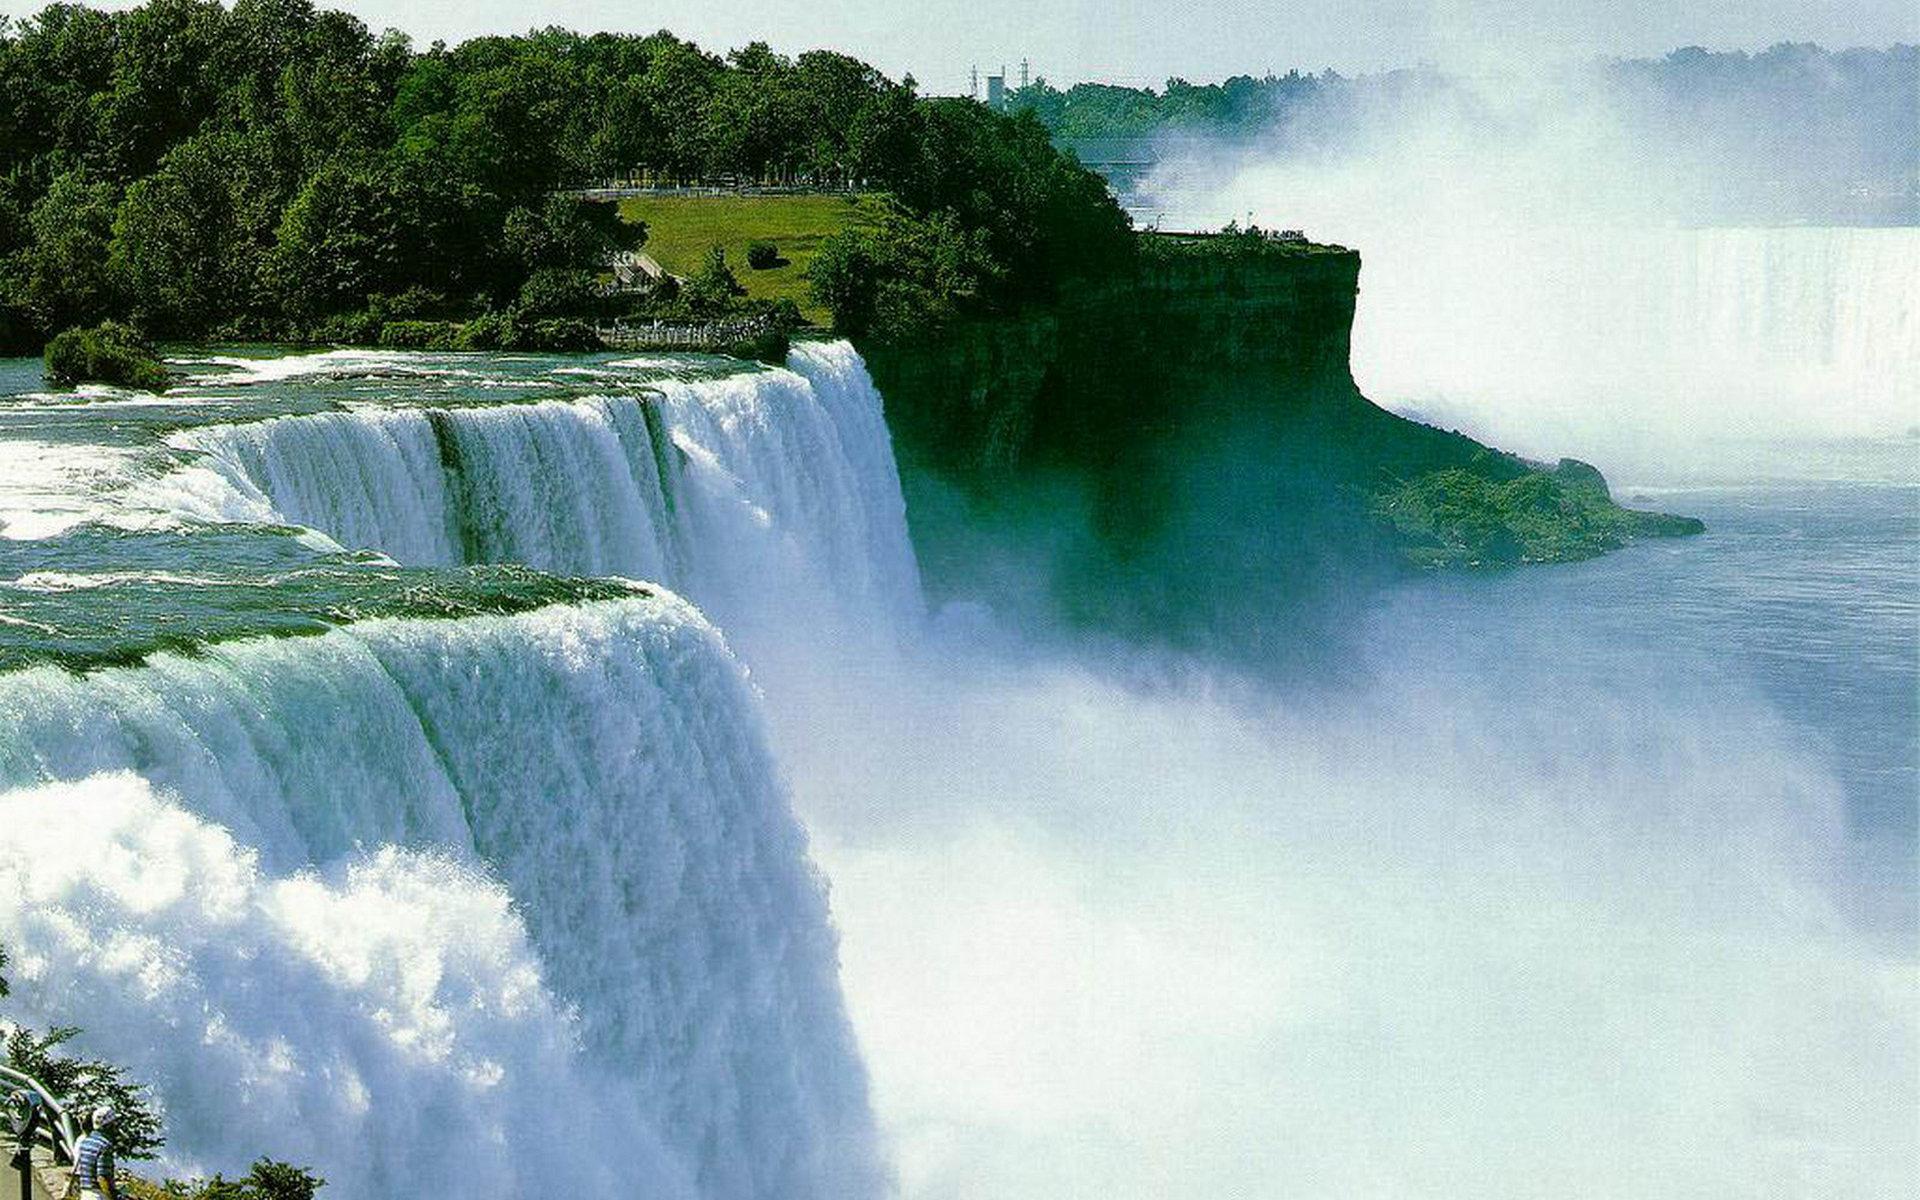 река, течение, обрыв